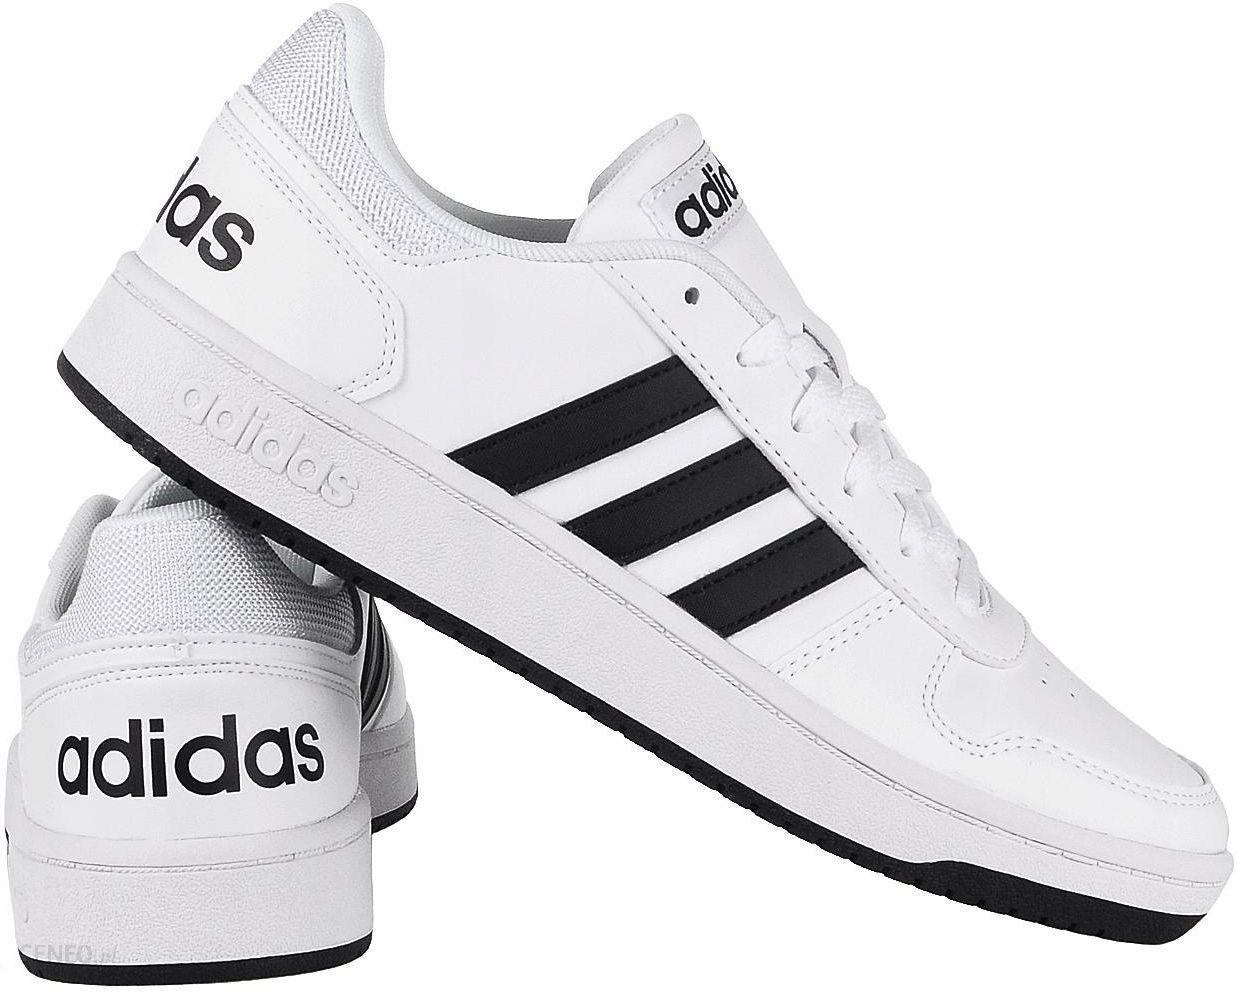 adidas nmd r2 meskie 43 rozmiar jaka długość wkładki